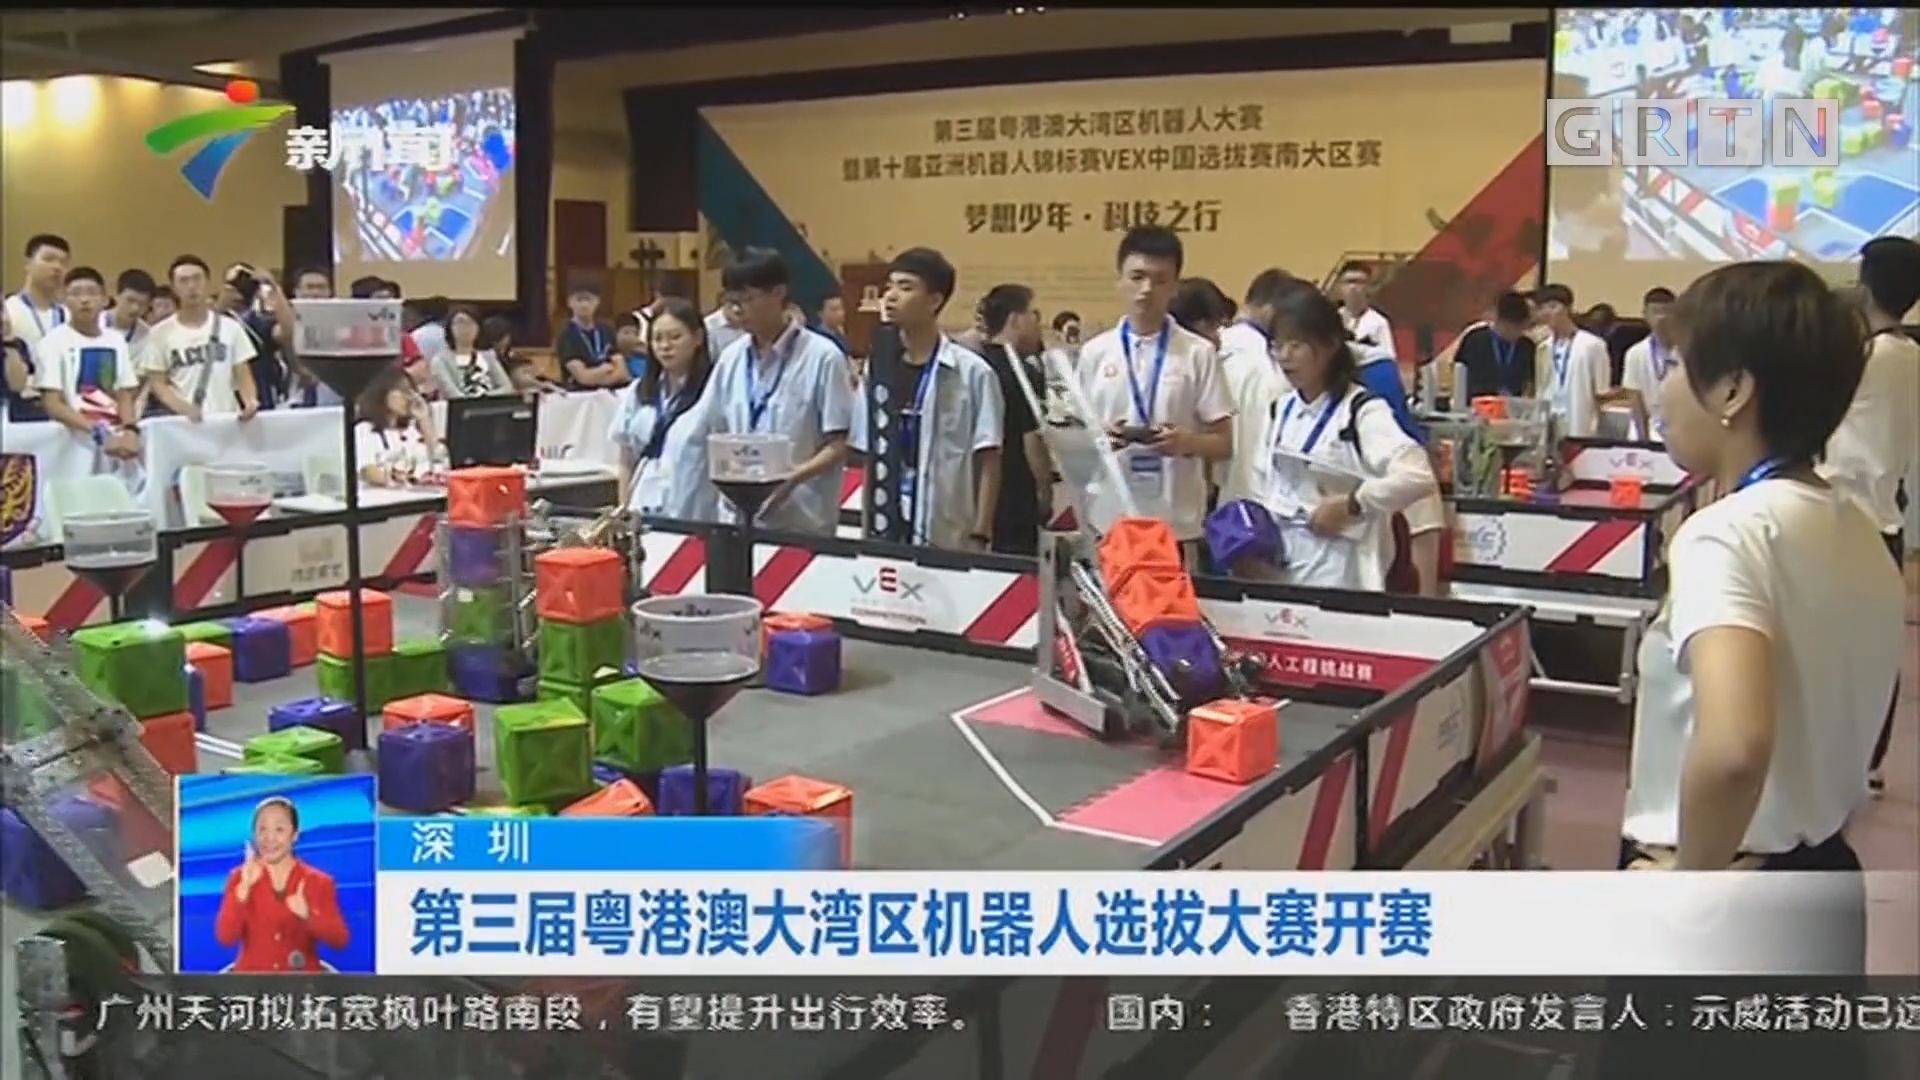 深圳 第三届粤港澳大湾区机器人选拨大赛开赛